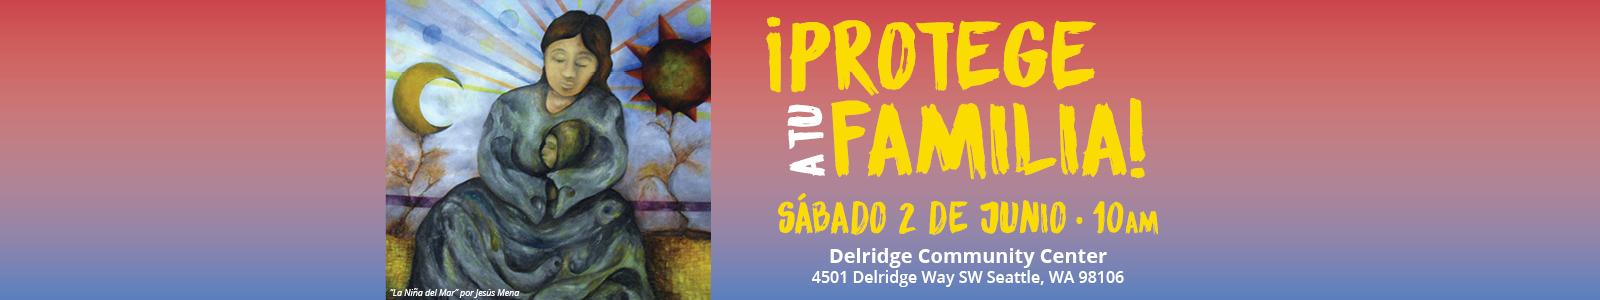 Protege a tu Familia, SÁBADO 2 DE JUNIO • 10am